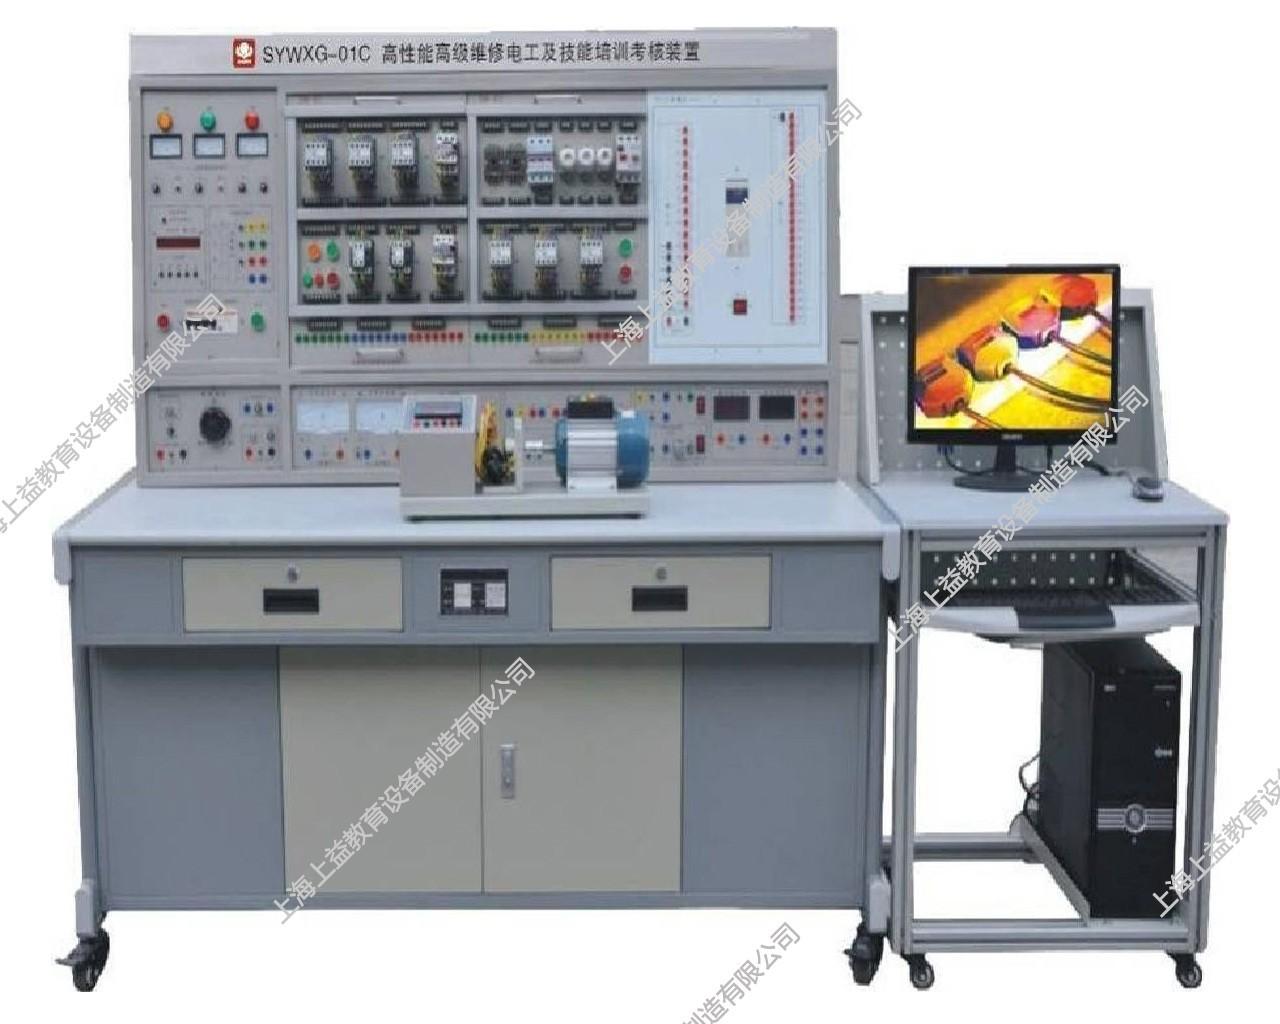 SYWXG-01C高性能高级维修电工及技能培训lehu68vip装置